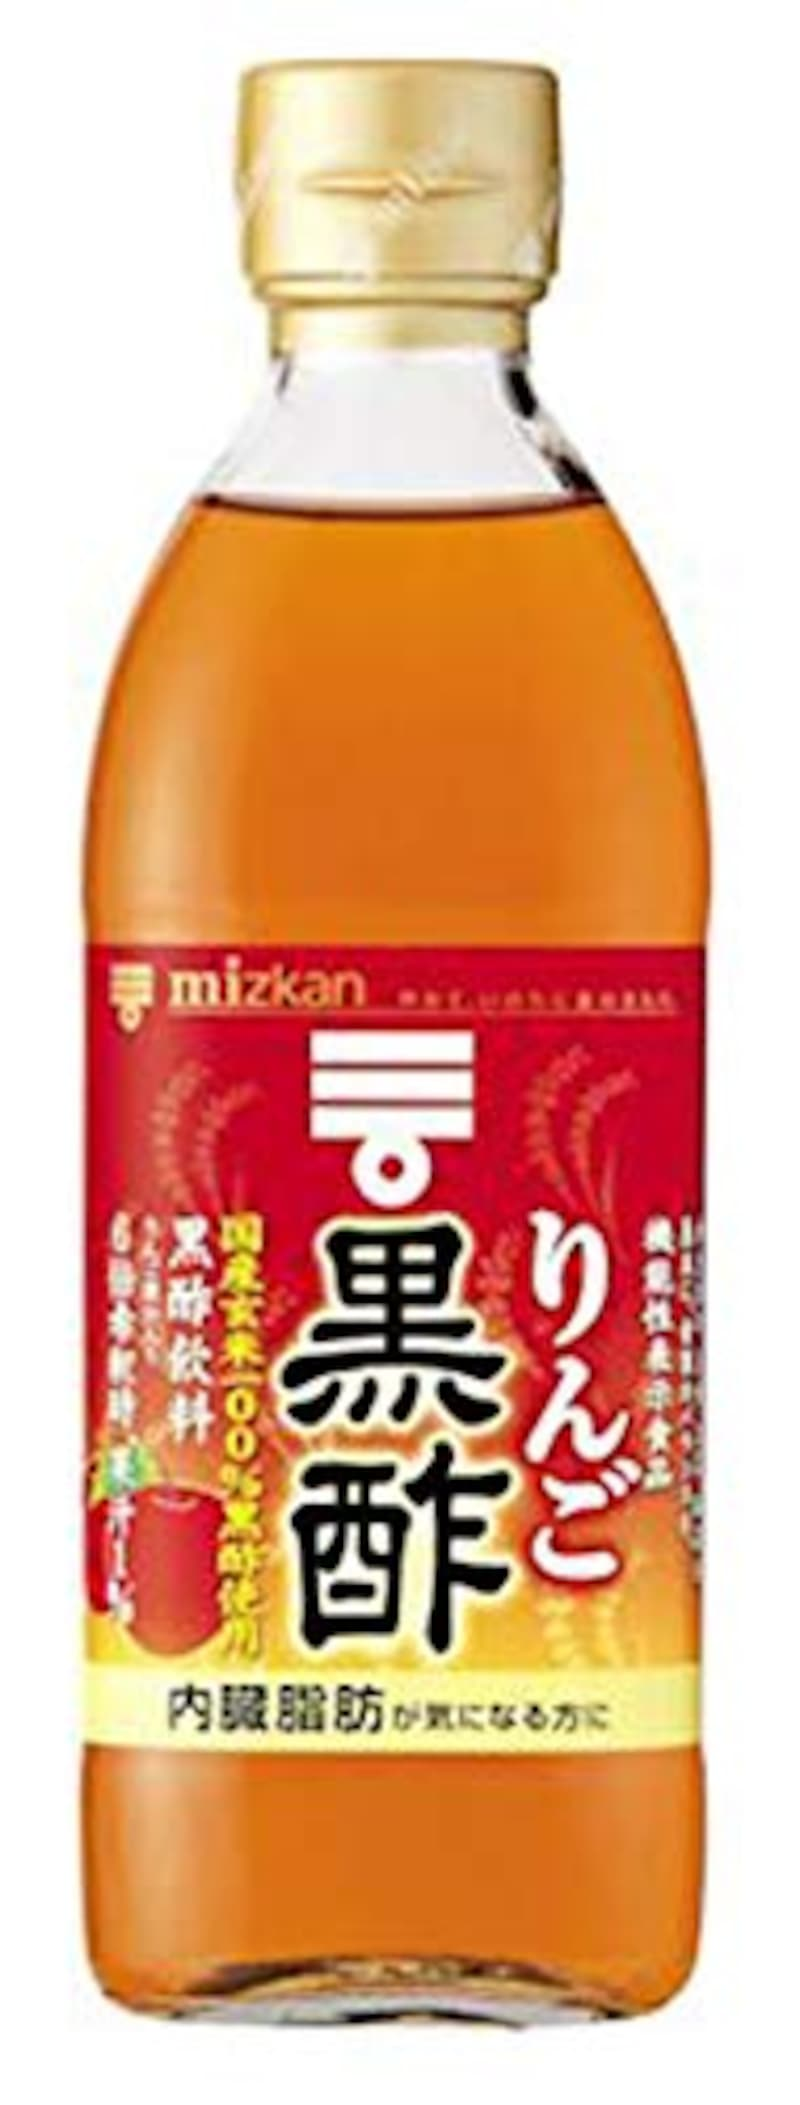 ミツカン,りんご黒酢